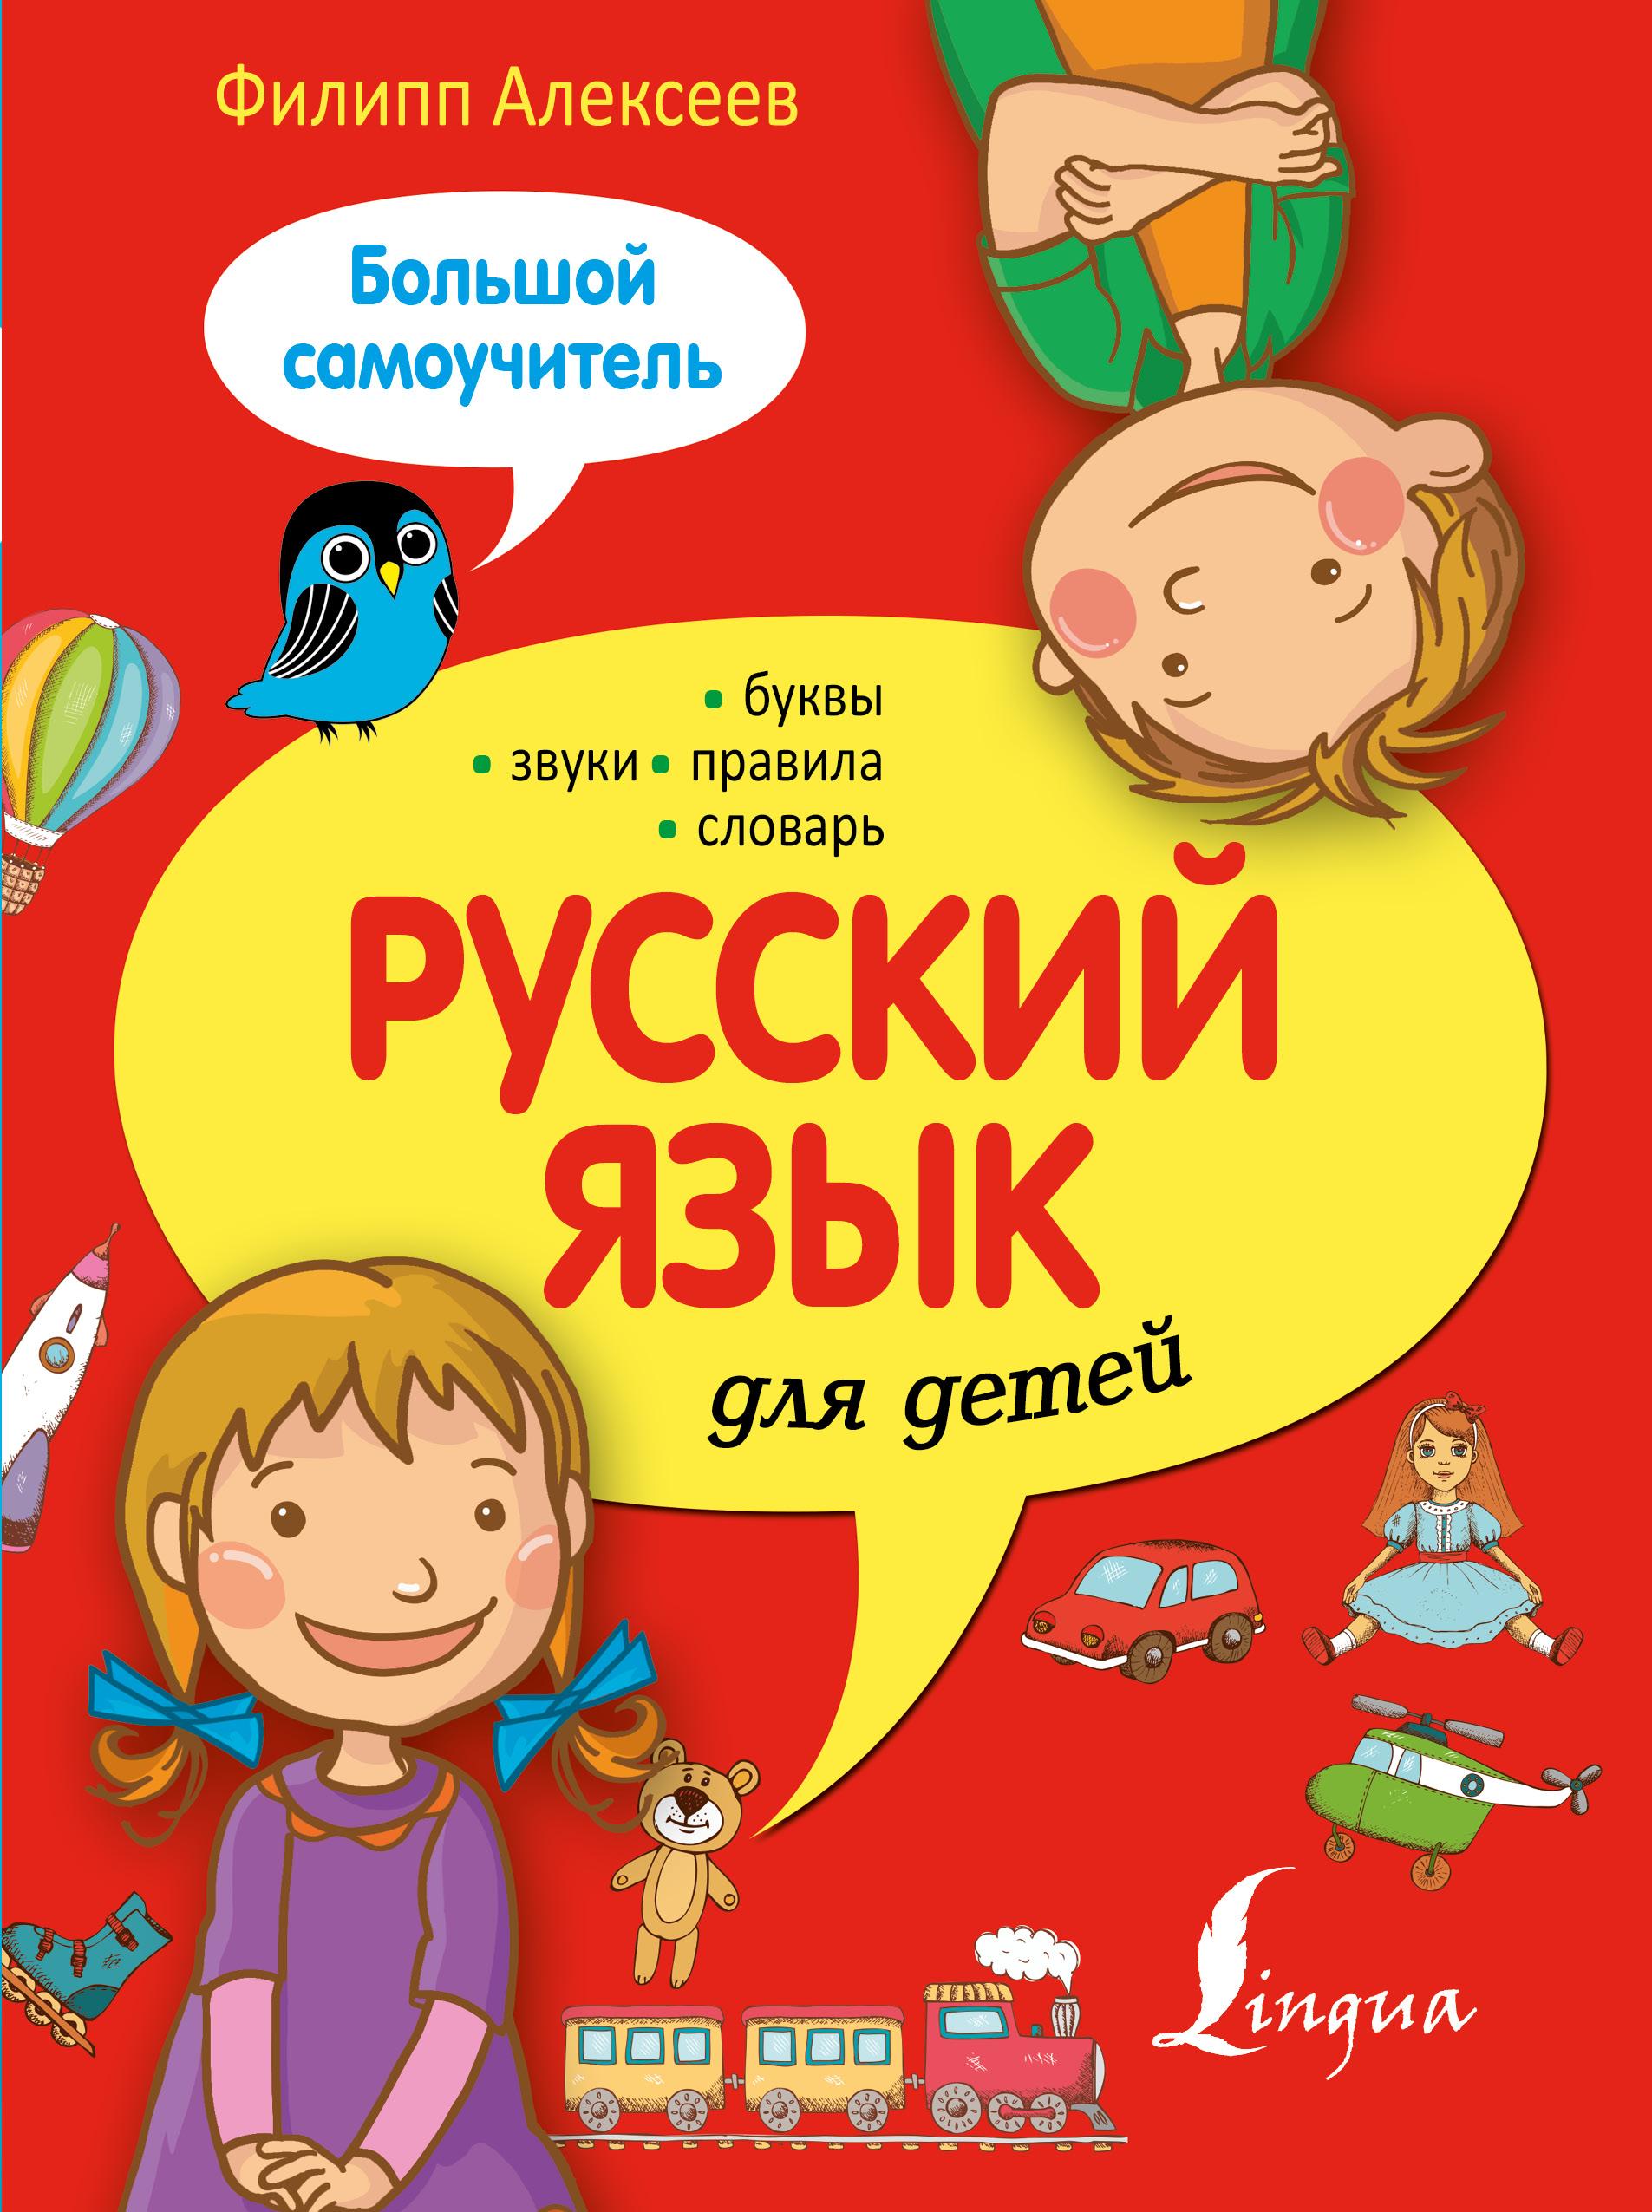 Russkij jazyk dlja detej. Bolshoj samouchitel